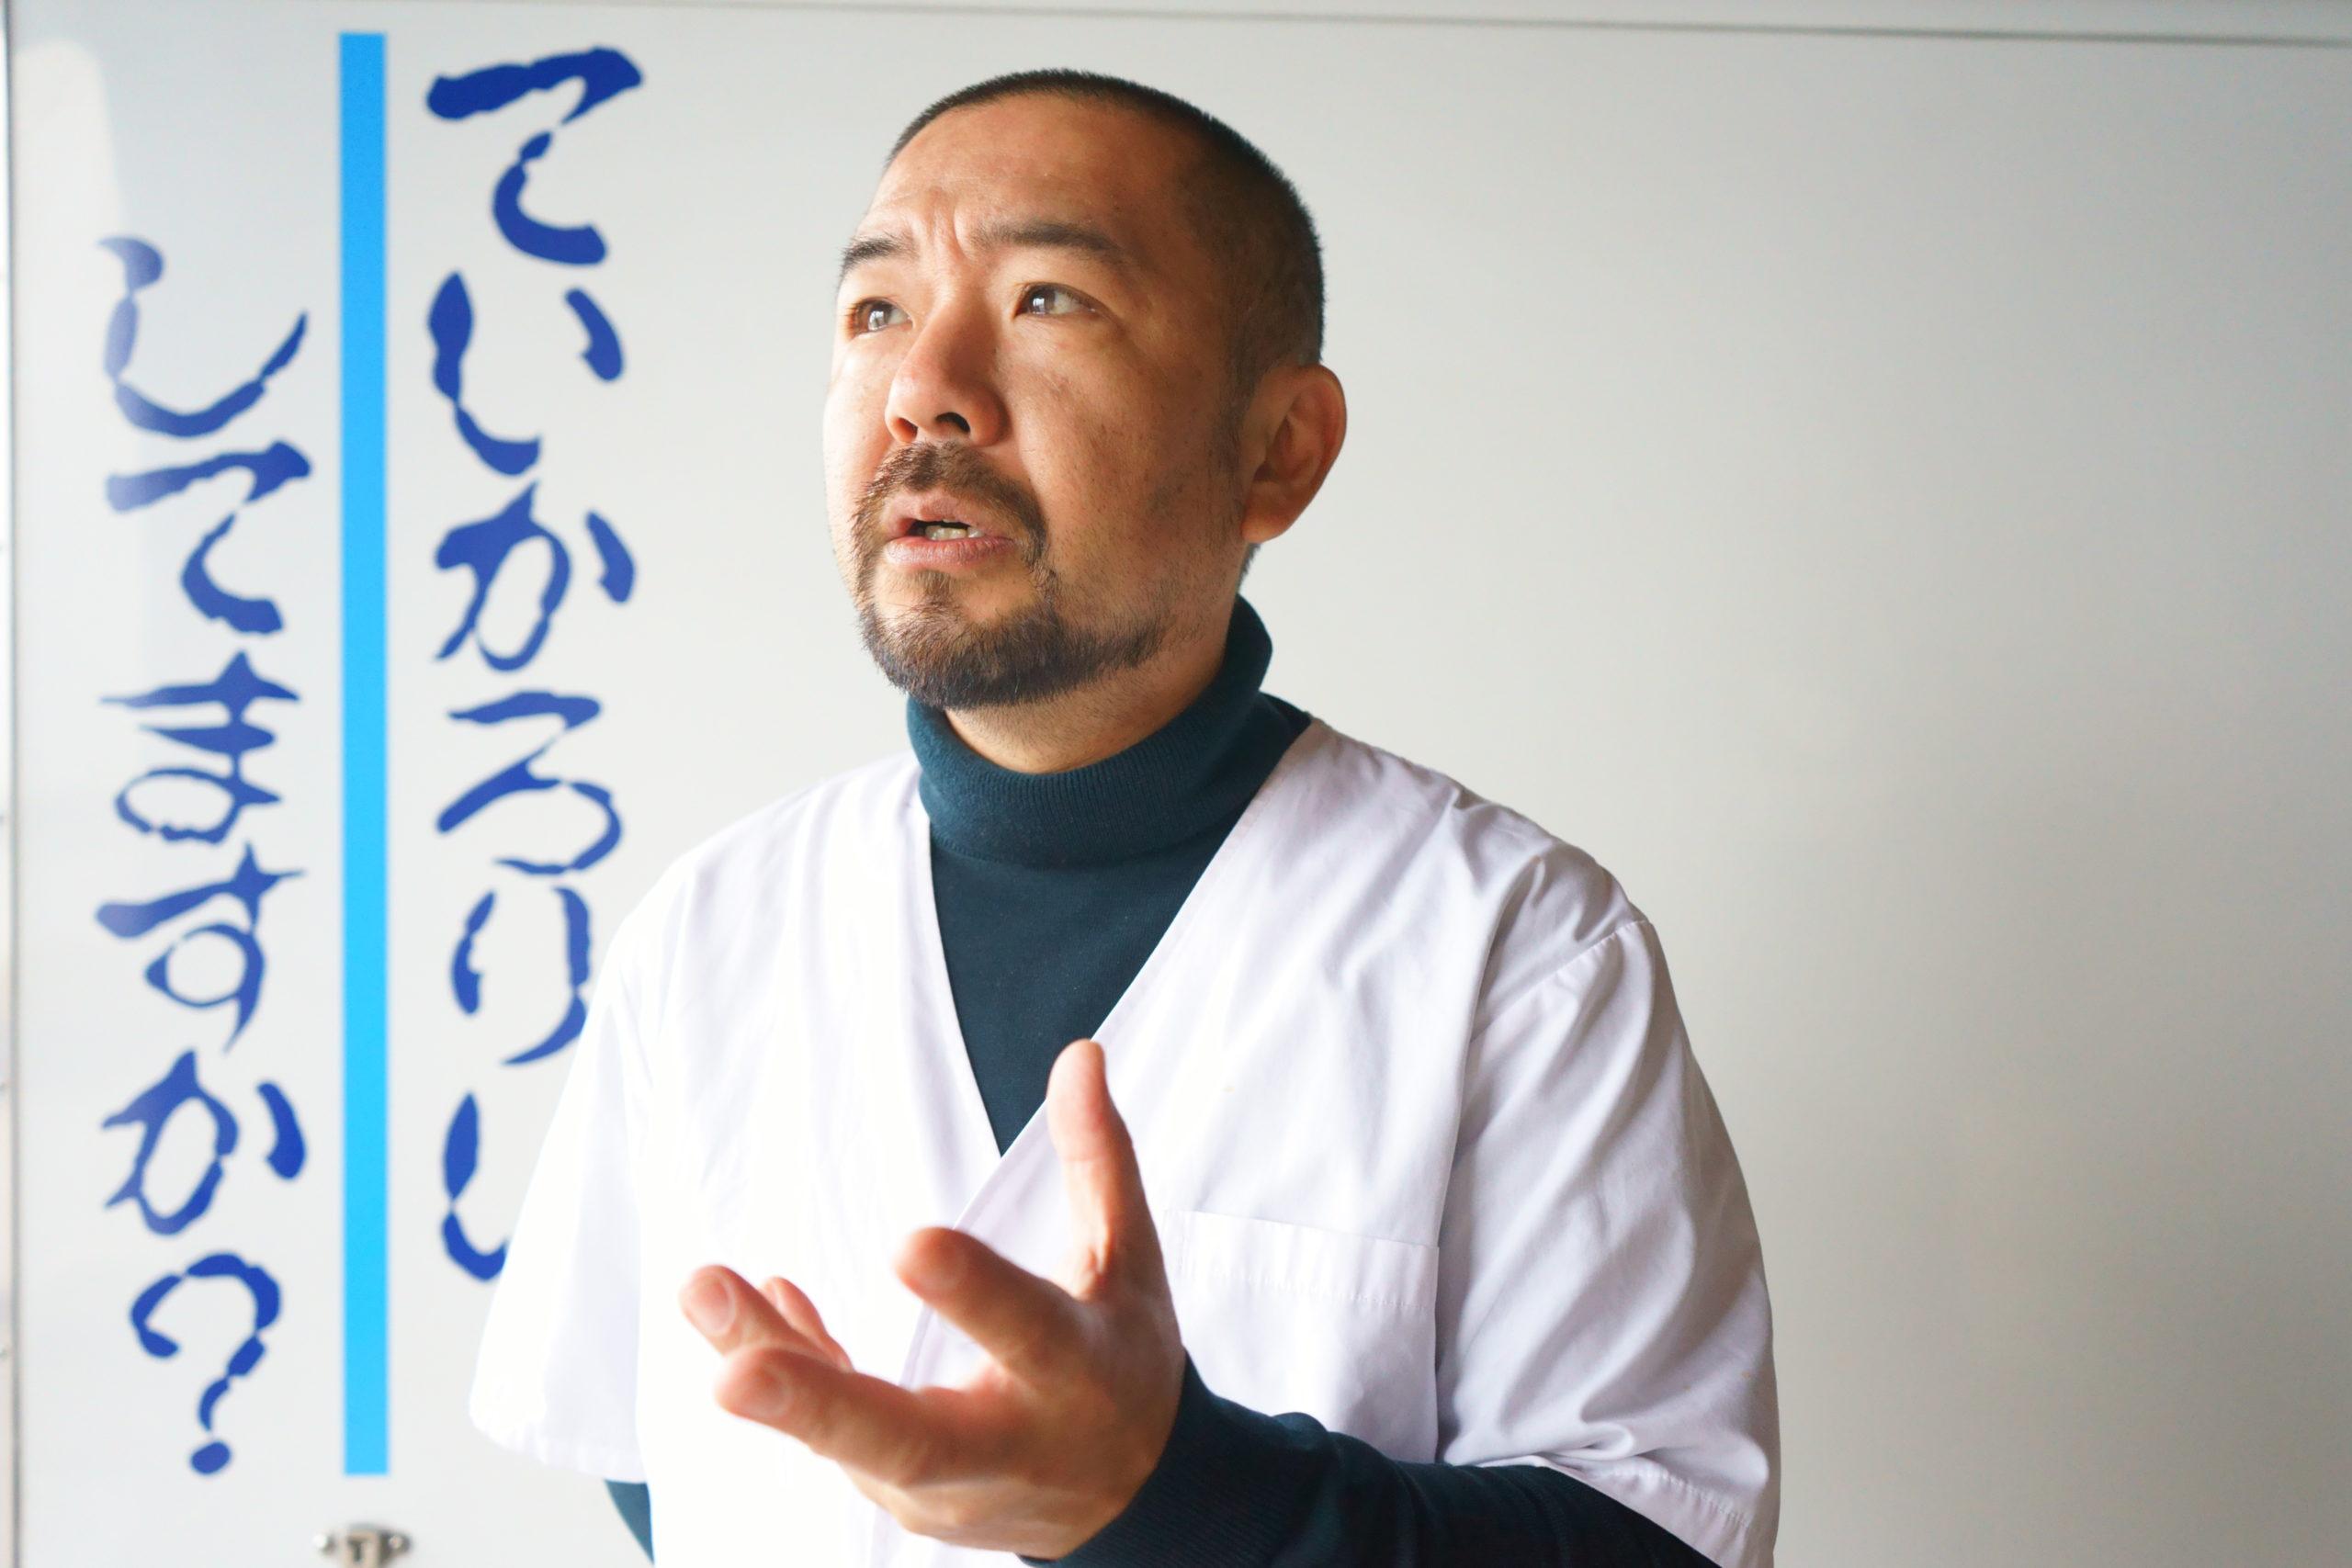 江戸時代から続く佐渡の郷土食「いごねり」をつくる早助屋!山内信三さんインタビュー